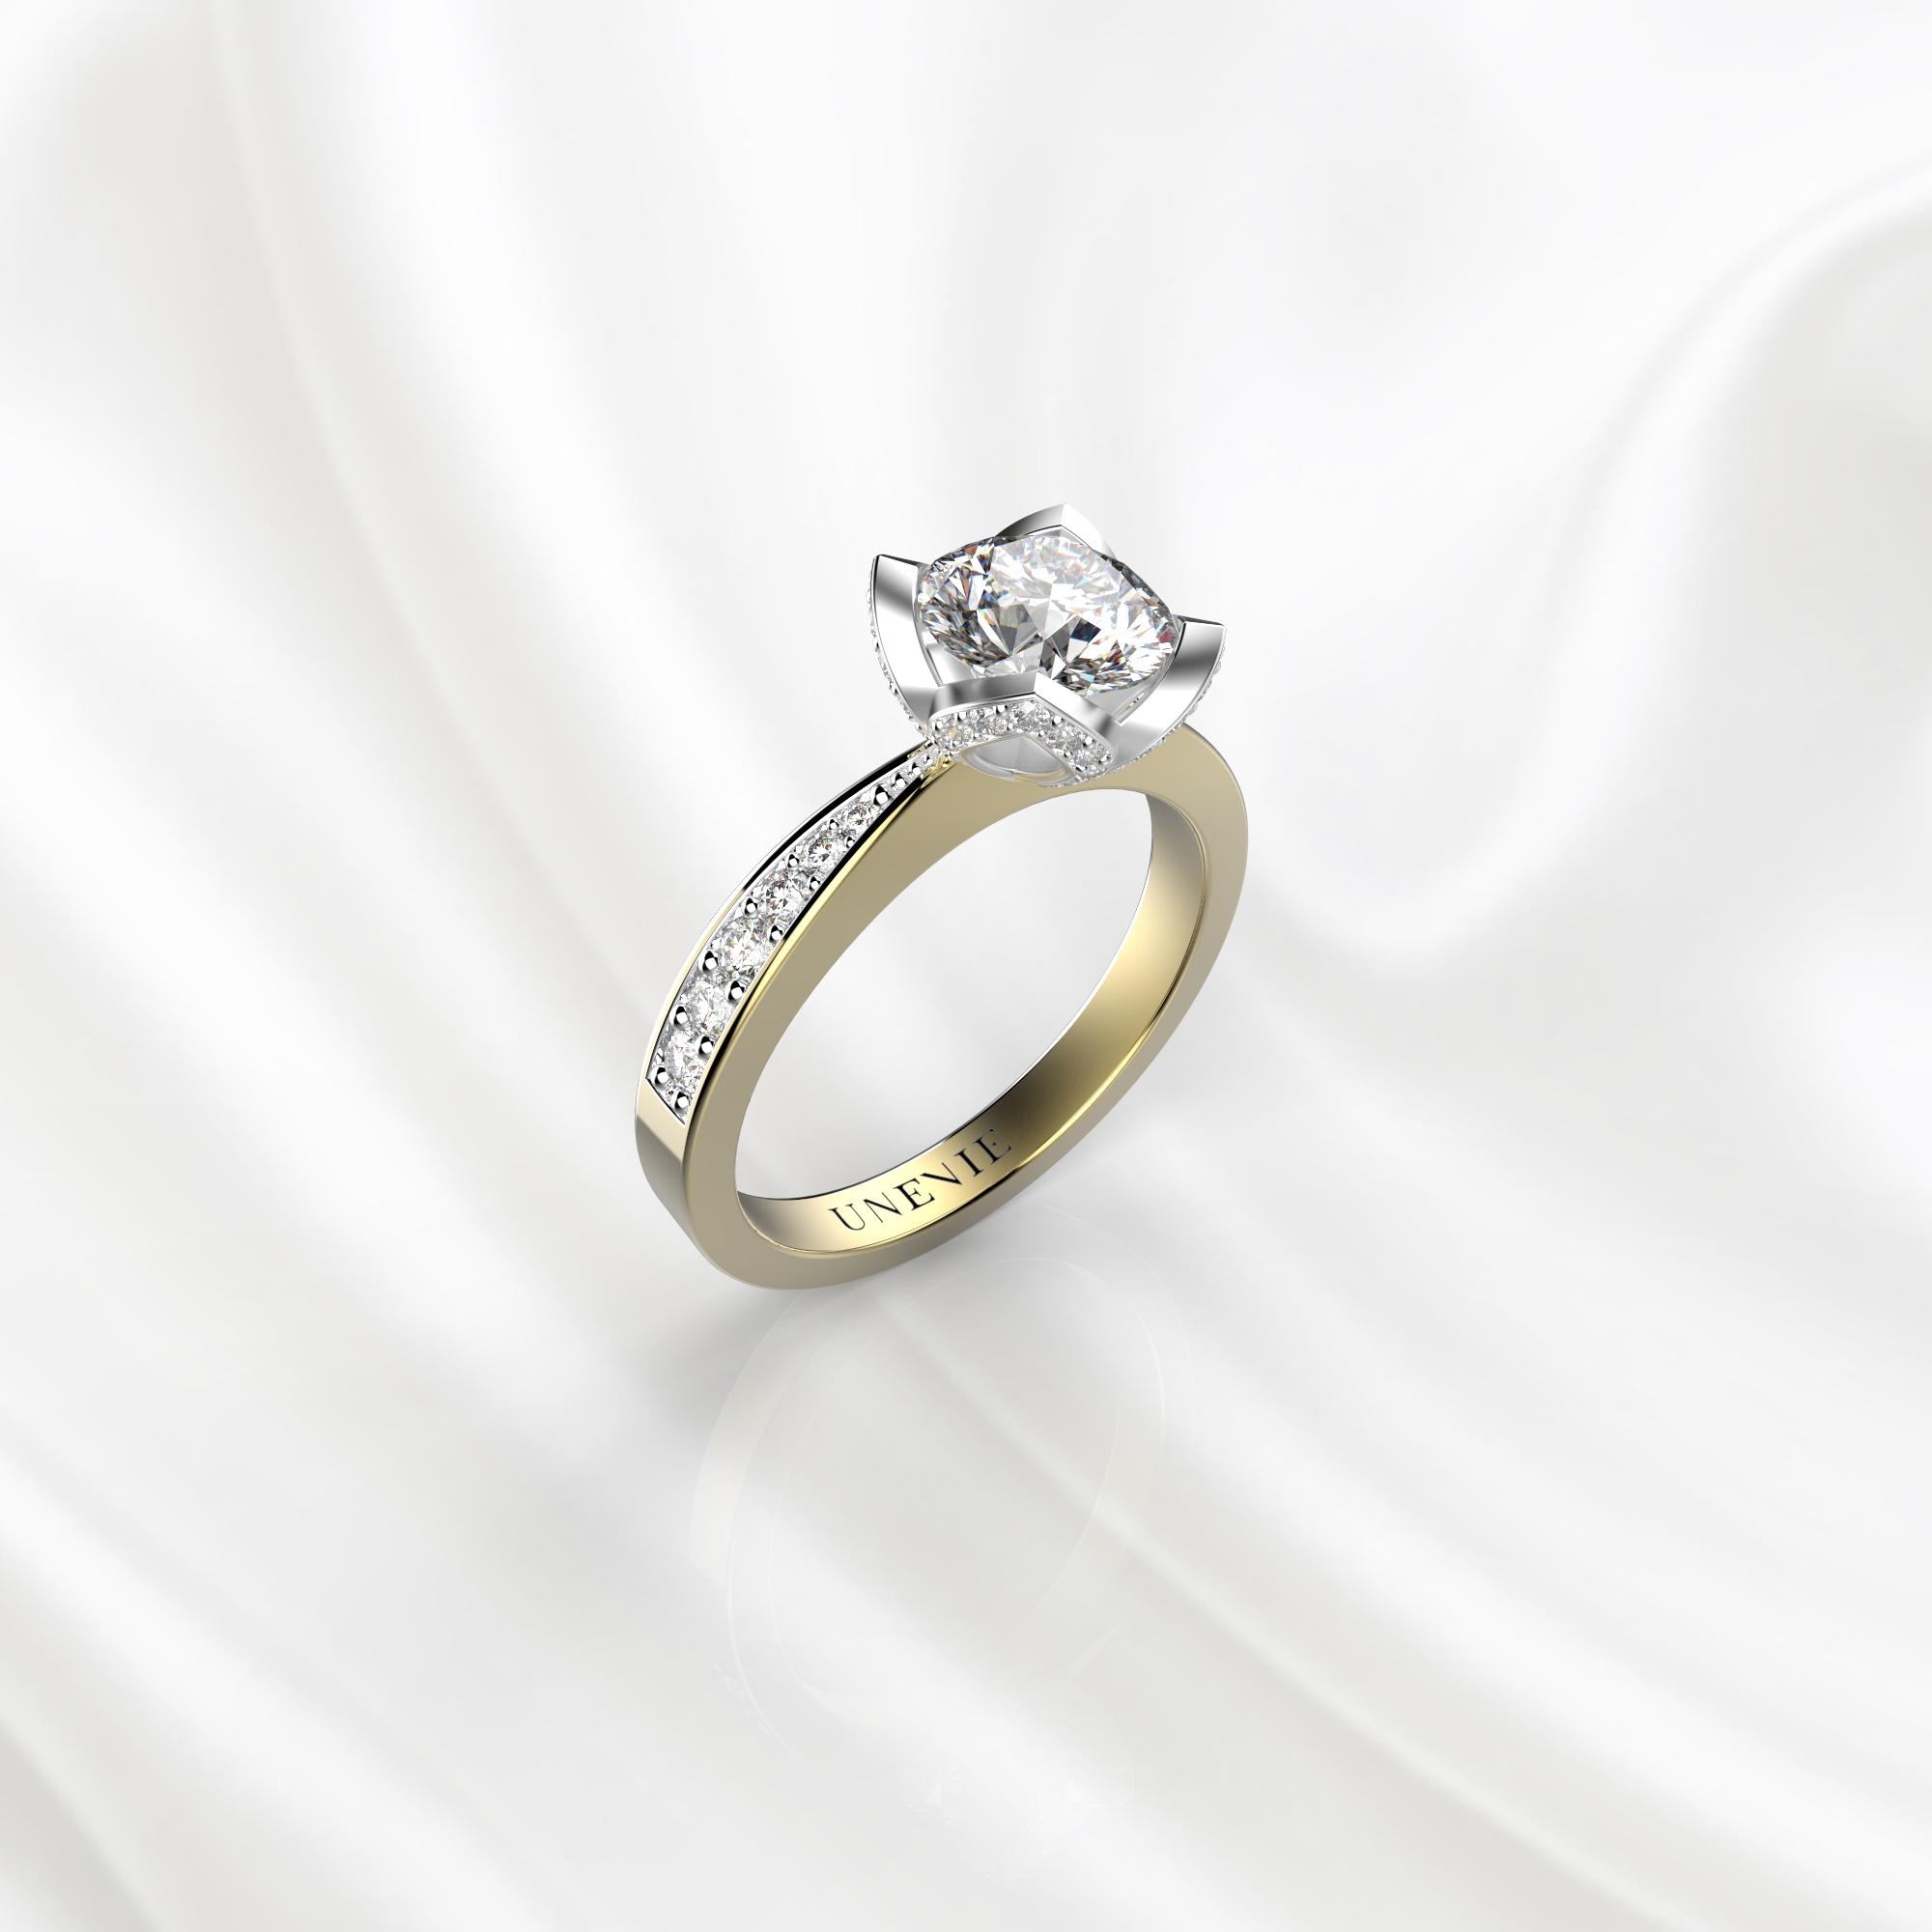 N21 Помолвочное кольцо из желто-белого золота с бриллиантом 0.3 карат